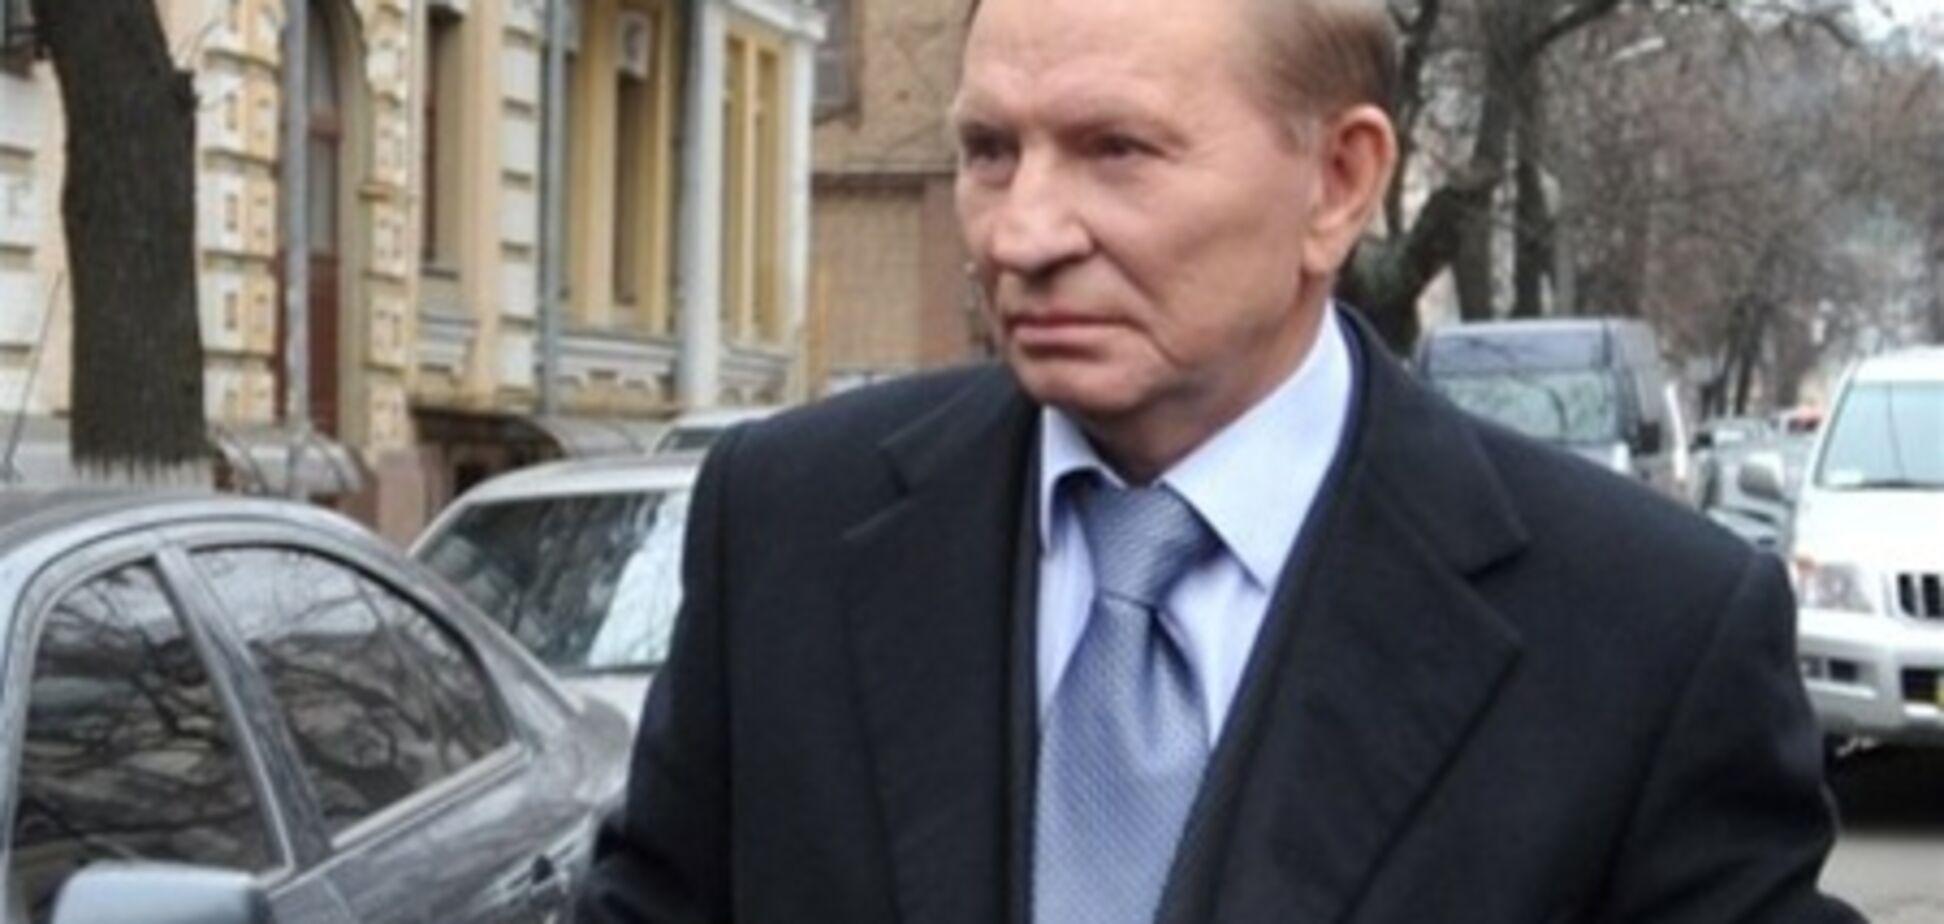 Слідство: Кучма доручив налякати Гонгадзе, Кравченко - вирішив убити